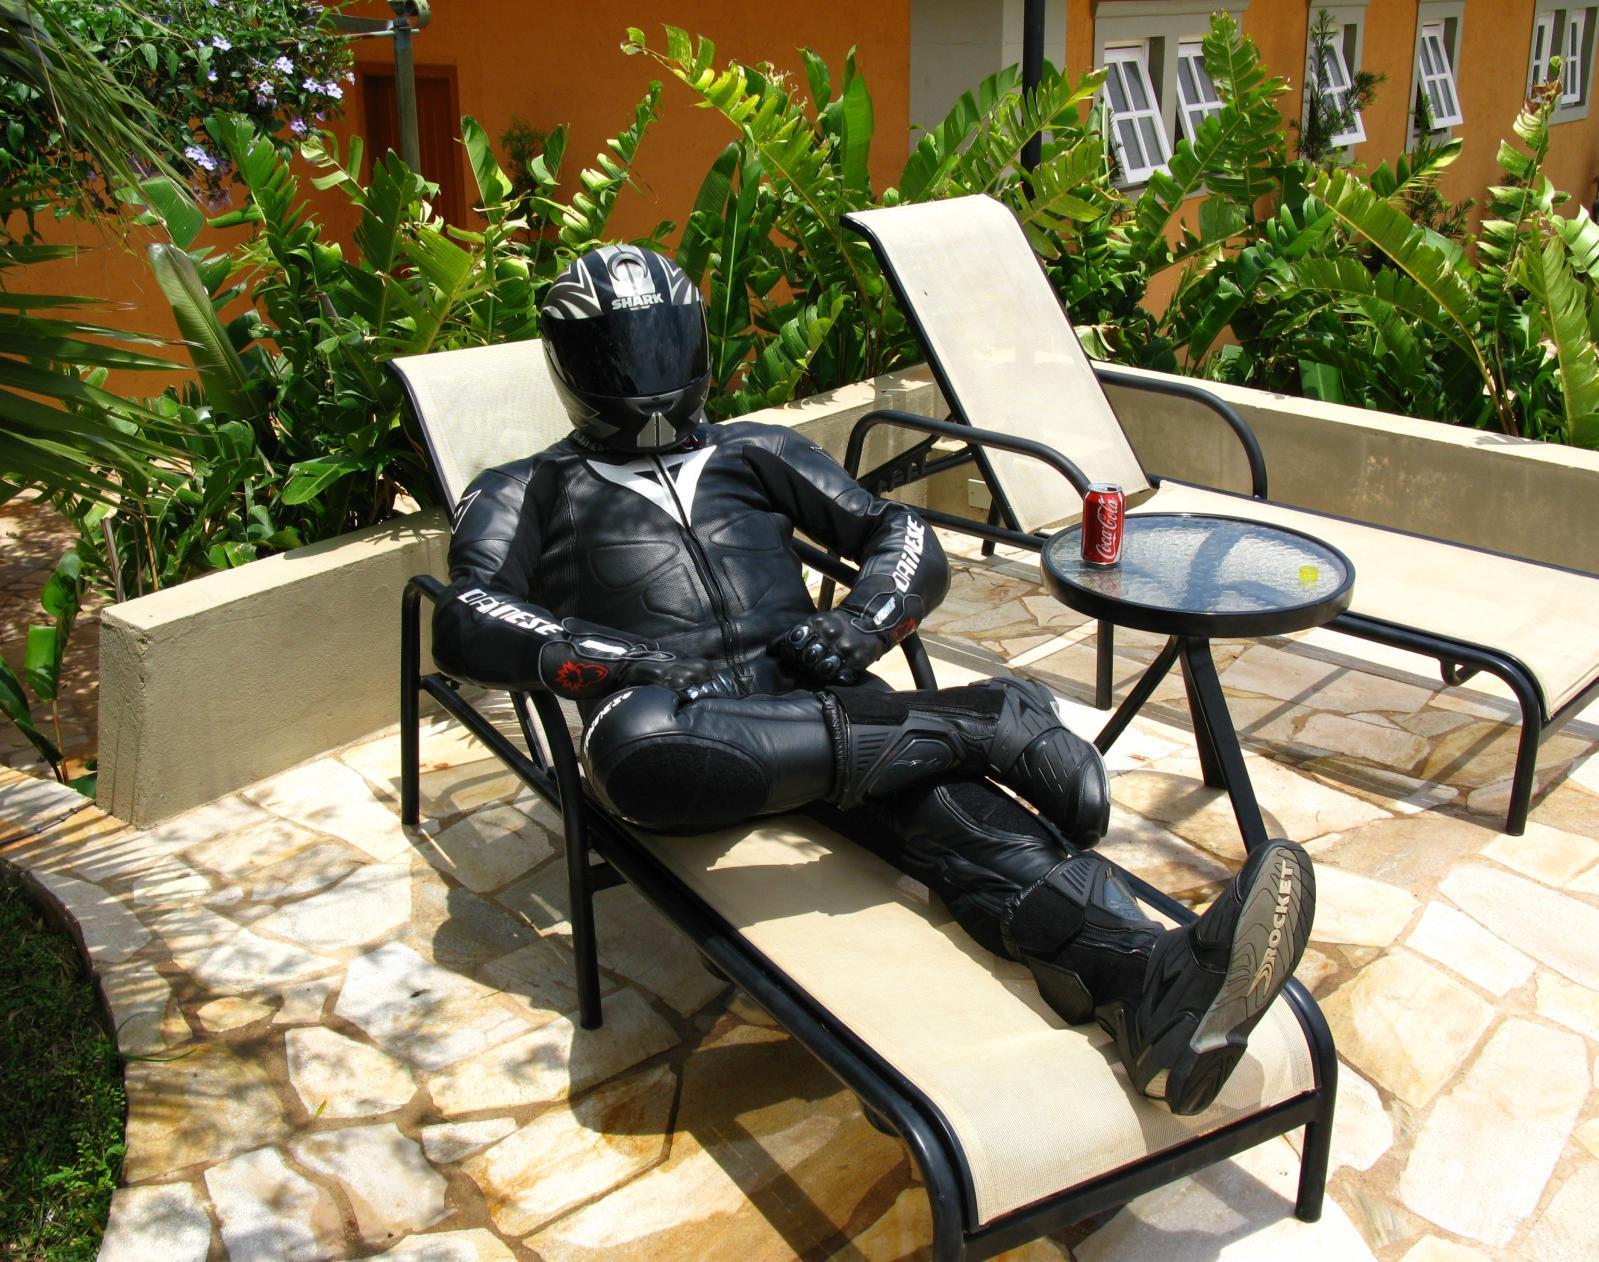 Fondos de pantalla : jardín, tiburón, motocicleta, guantes, casco ...